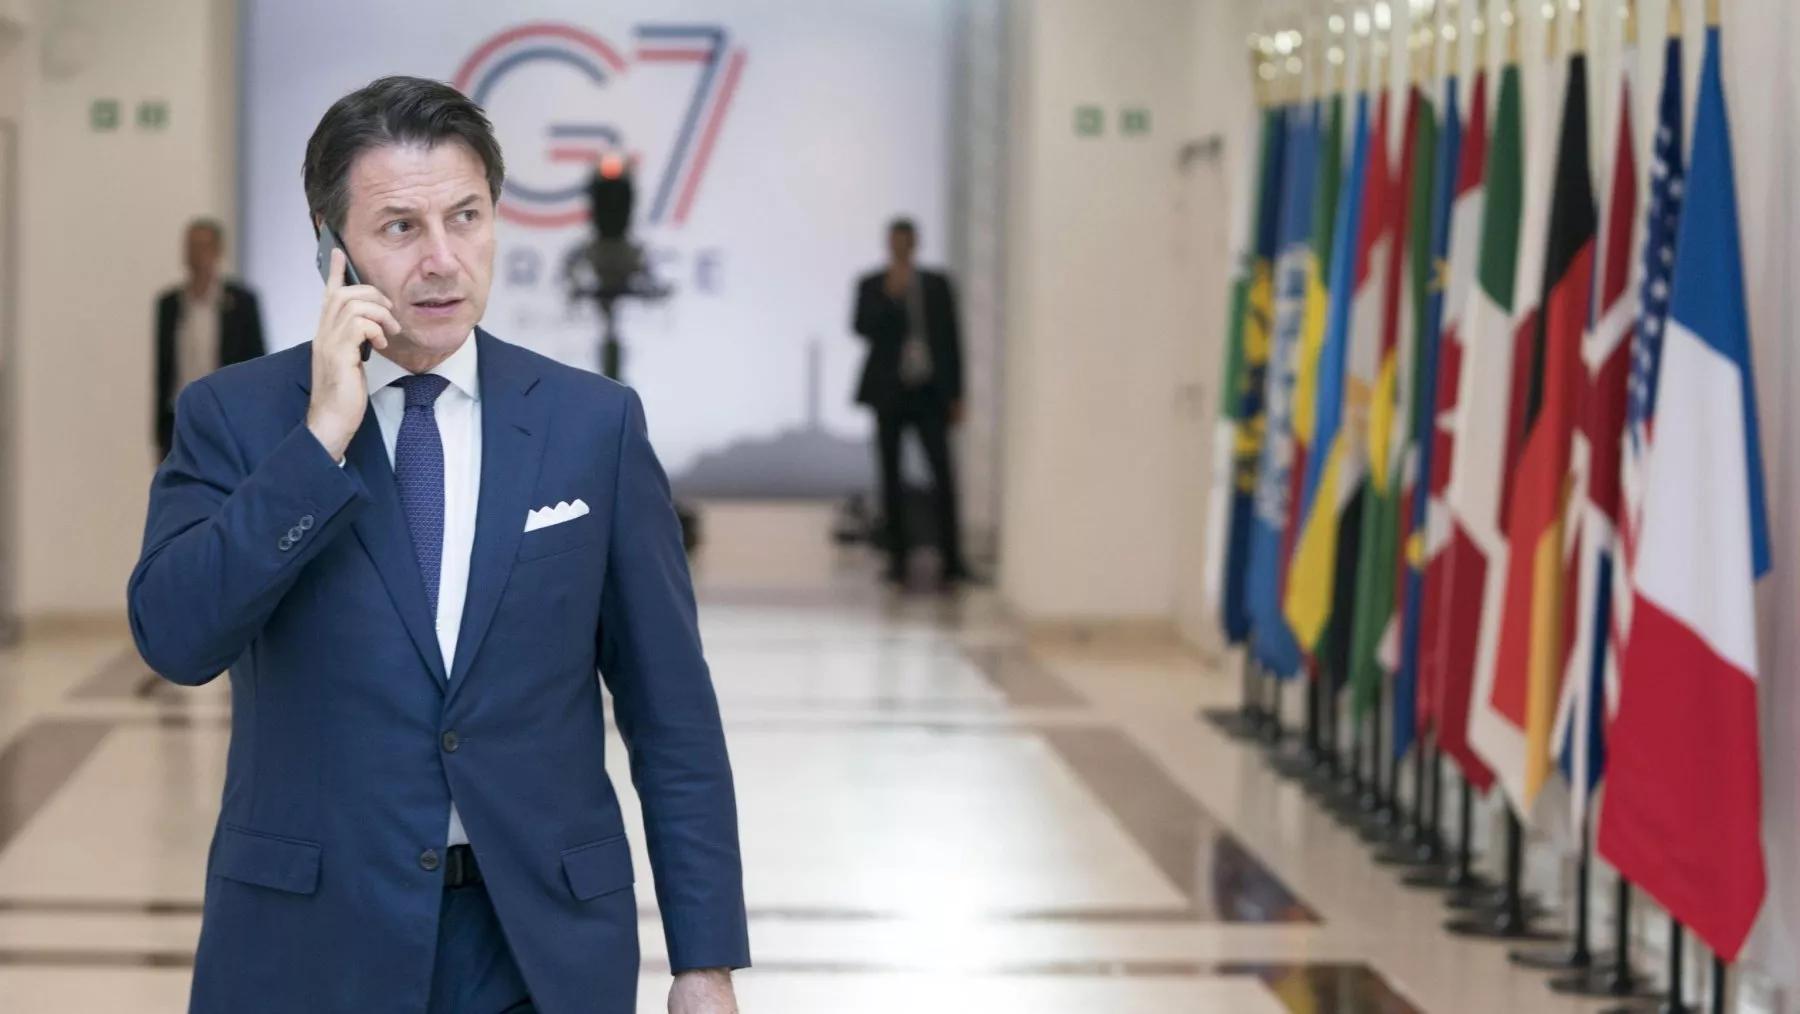 Quali sono le sfide del nuovo governo italiano?